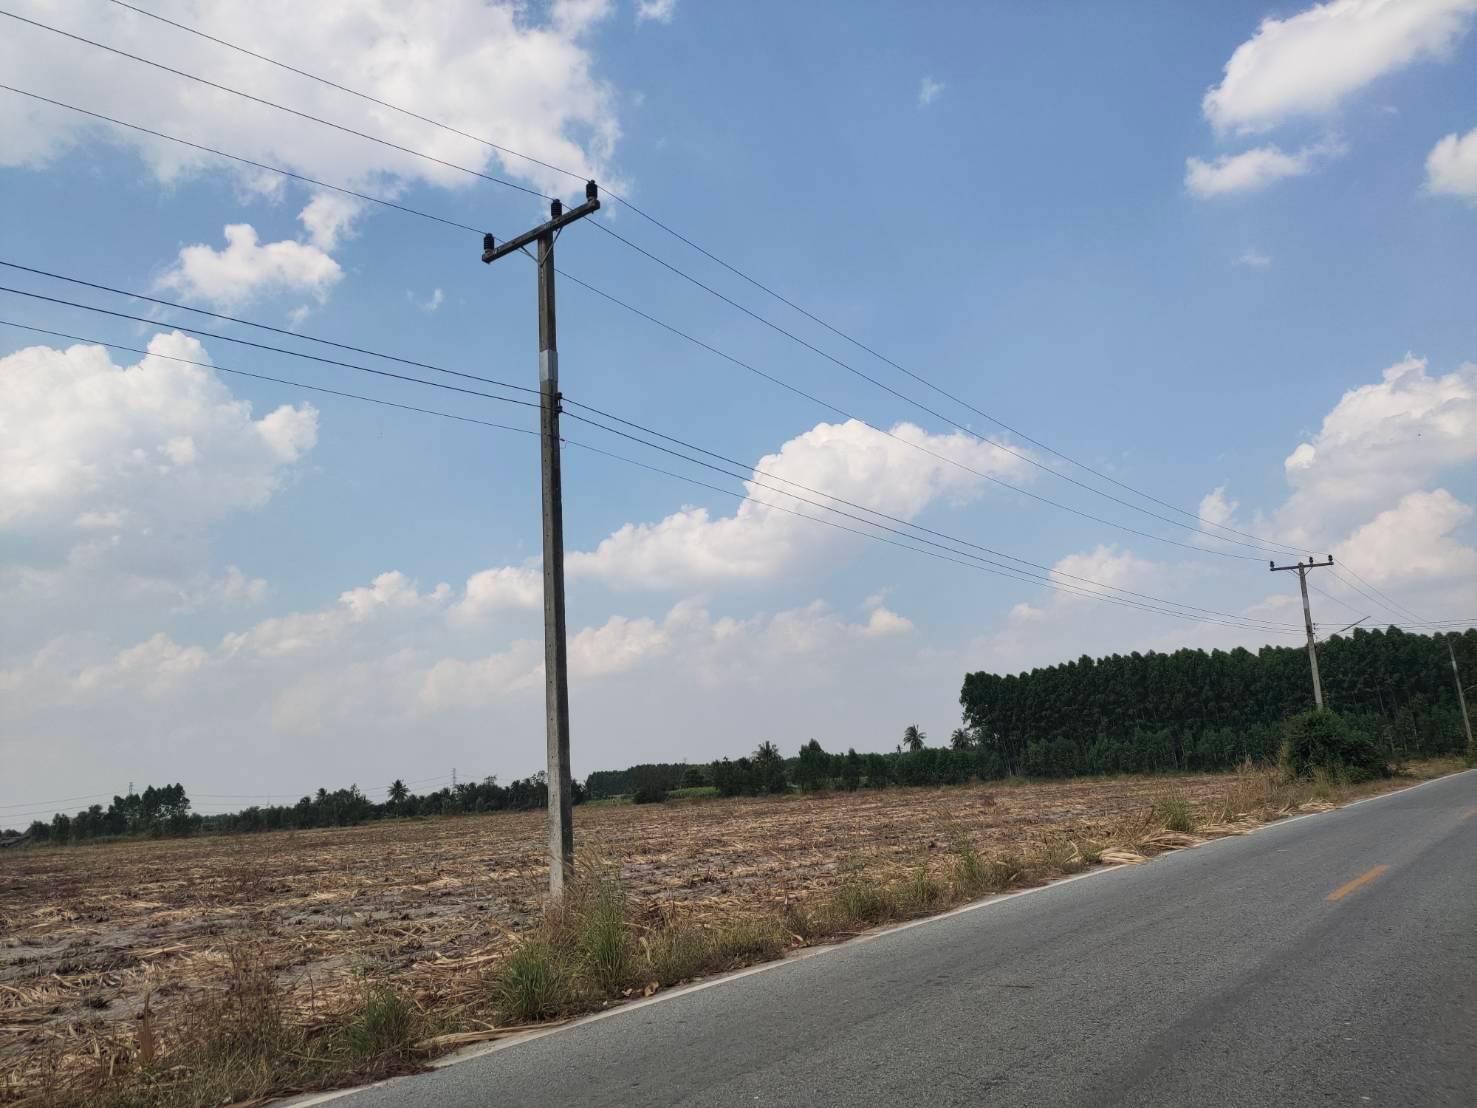 ภาพขายที่ดินเปล่า อำเภอบ้านบึง จังหวัดชลบุรี